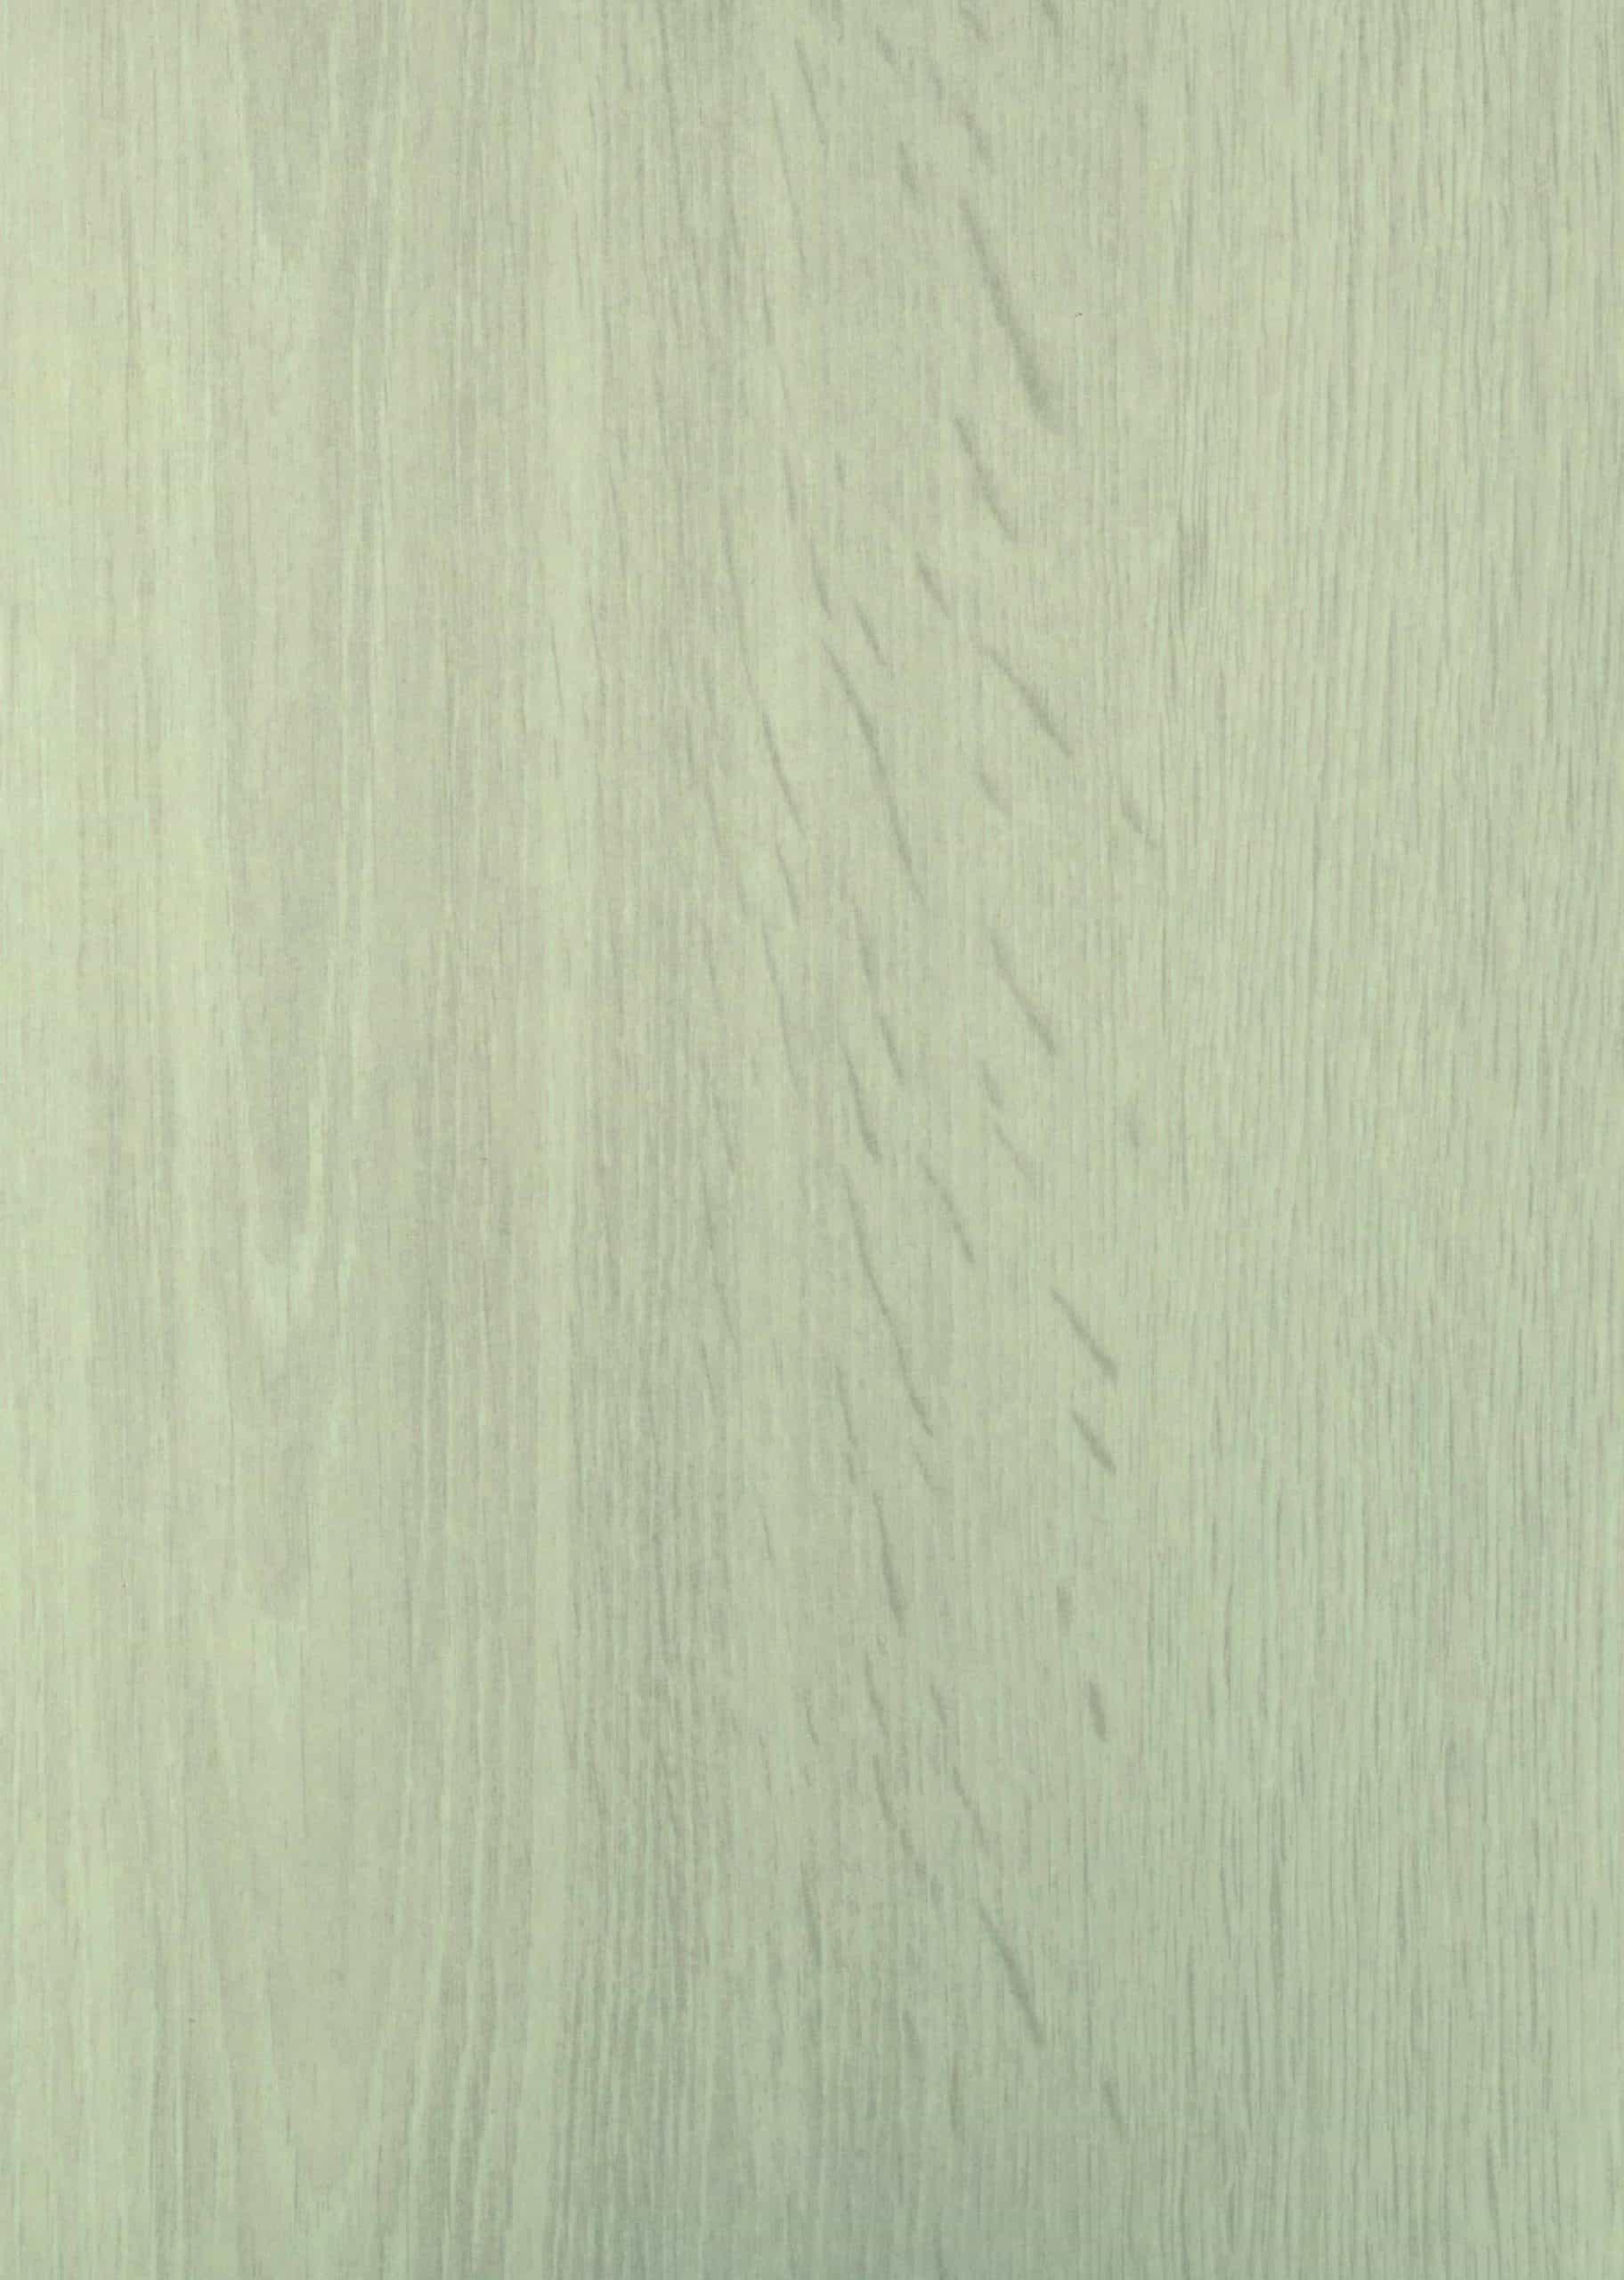 Laminaat Eiken Wit 9100